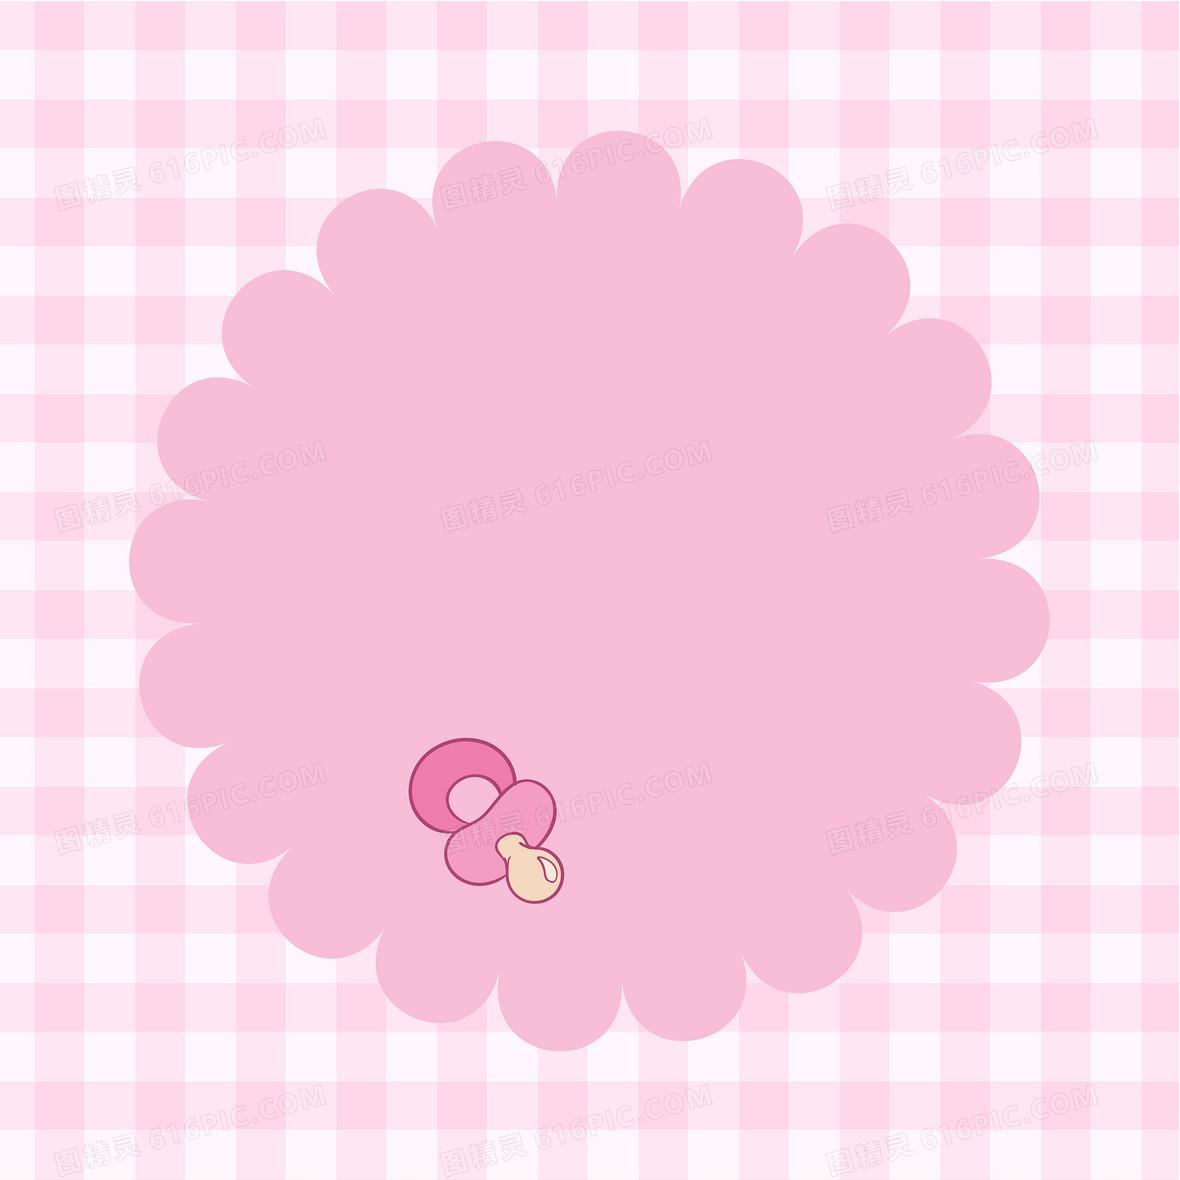 可爱粉色花边格子背景素材